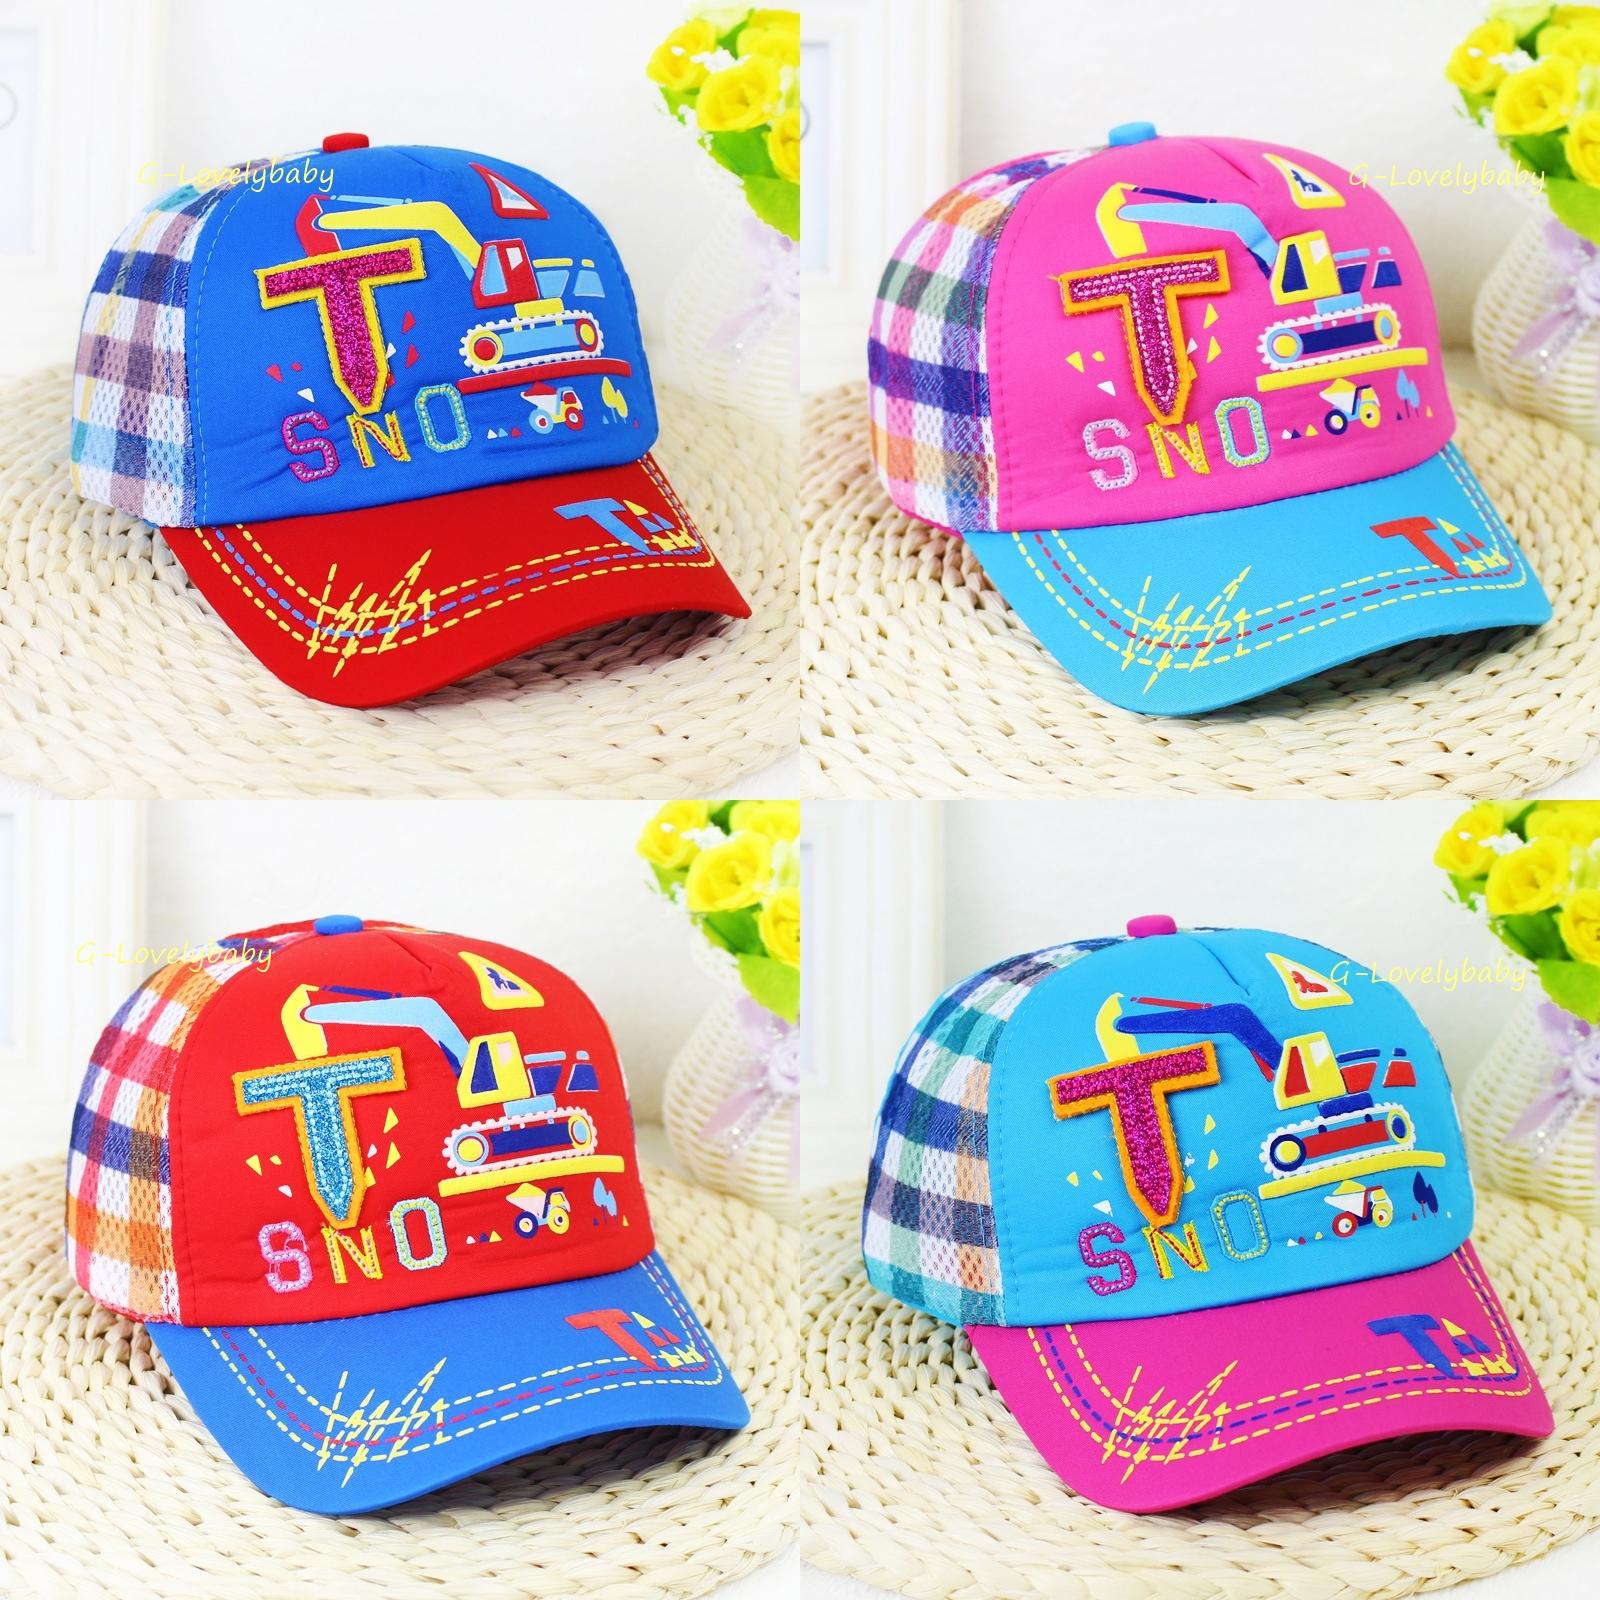 หมวกเด็ก หมวกเด็กเล็ก หมวกเด็กอนุบาล หมวกแก็บเด็ก คุณภาพดี เด็กอายุ 1-5 ขวบ